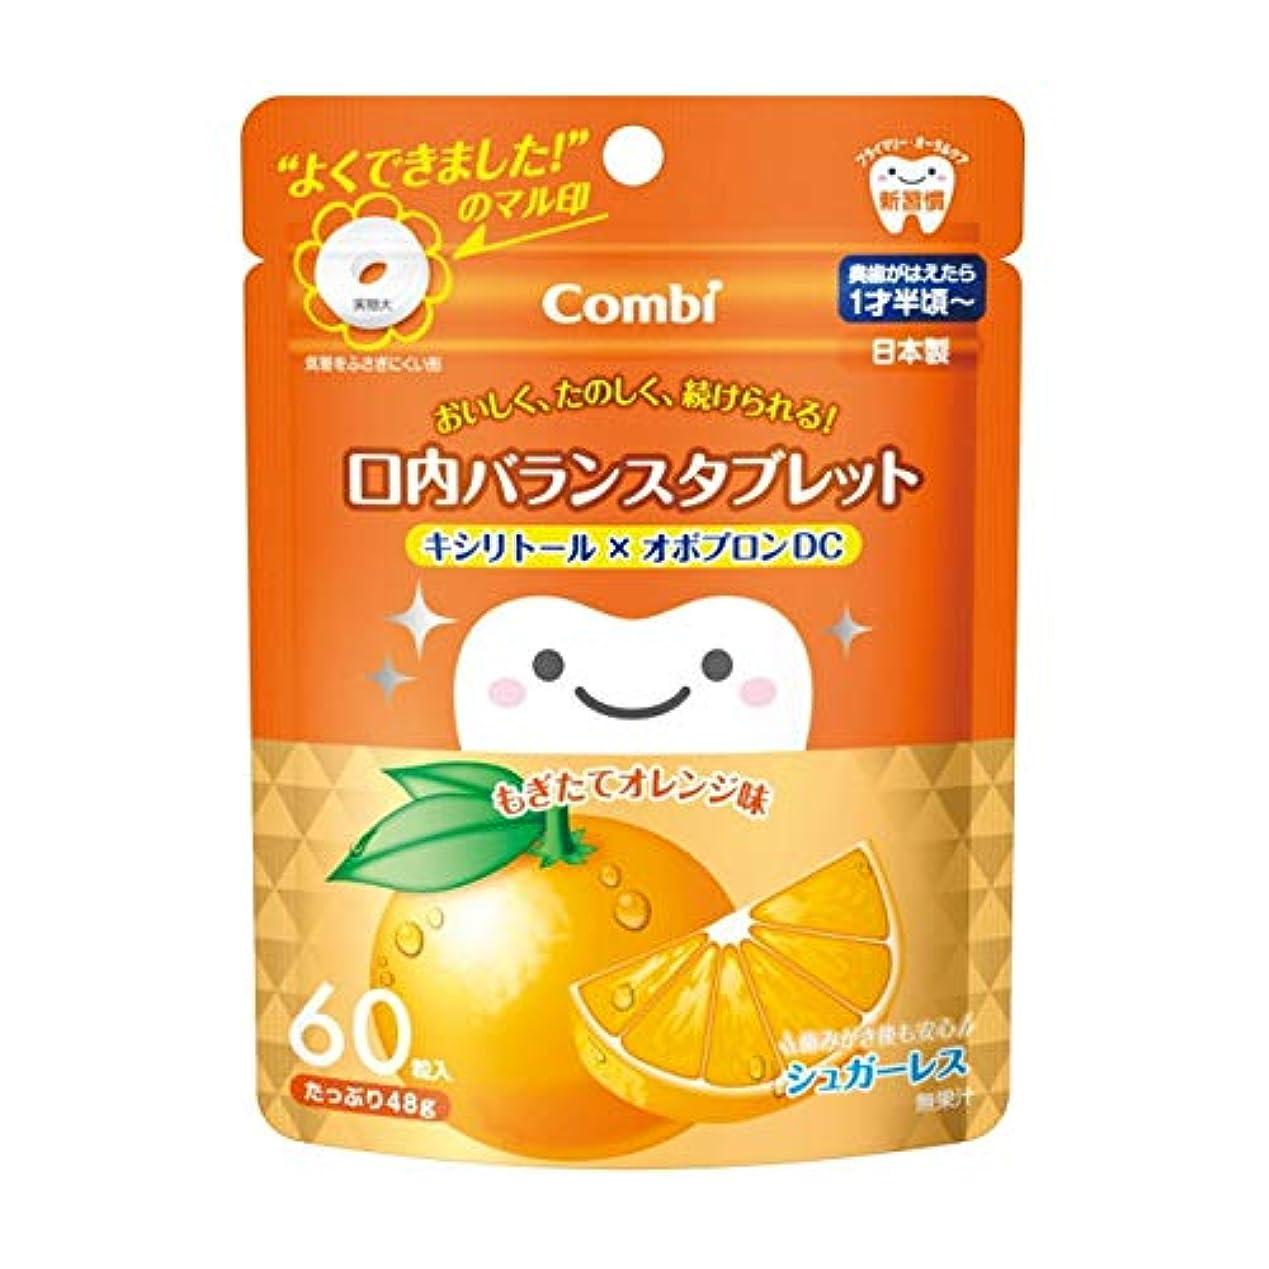 合法アニメーション滝テテオ 口内バランスタブレット(オレンジ) 60粒